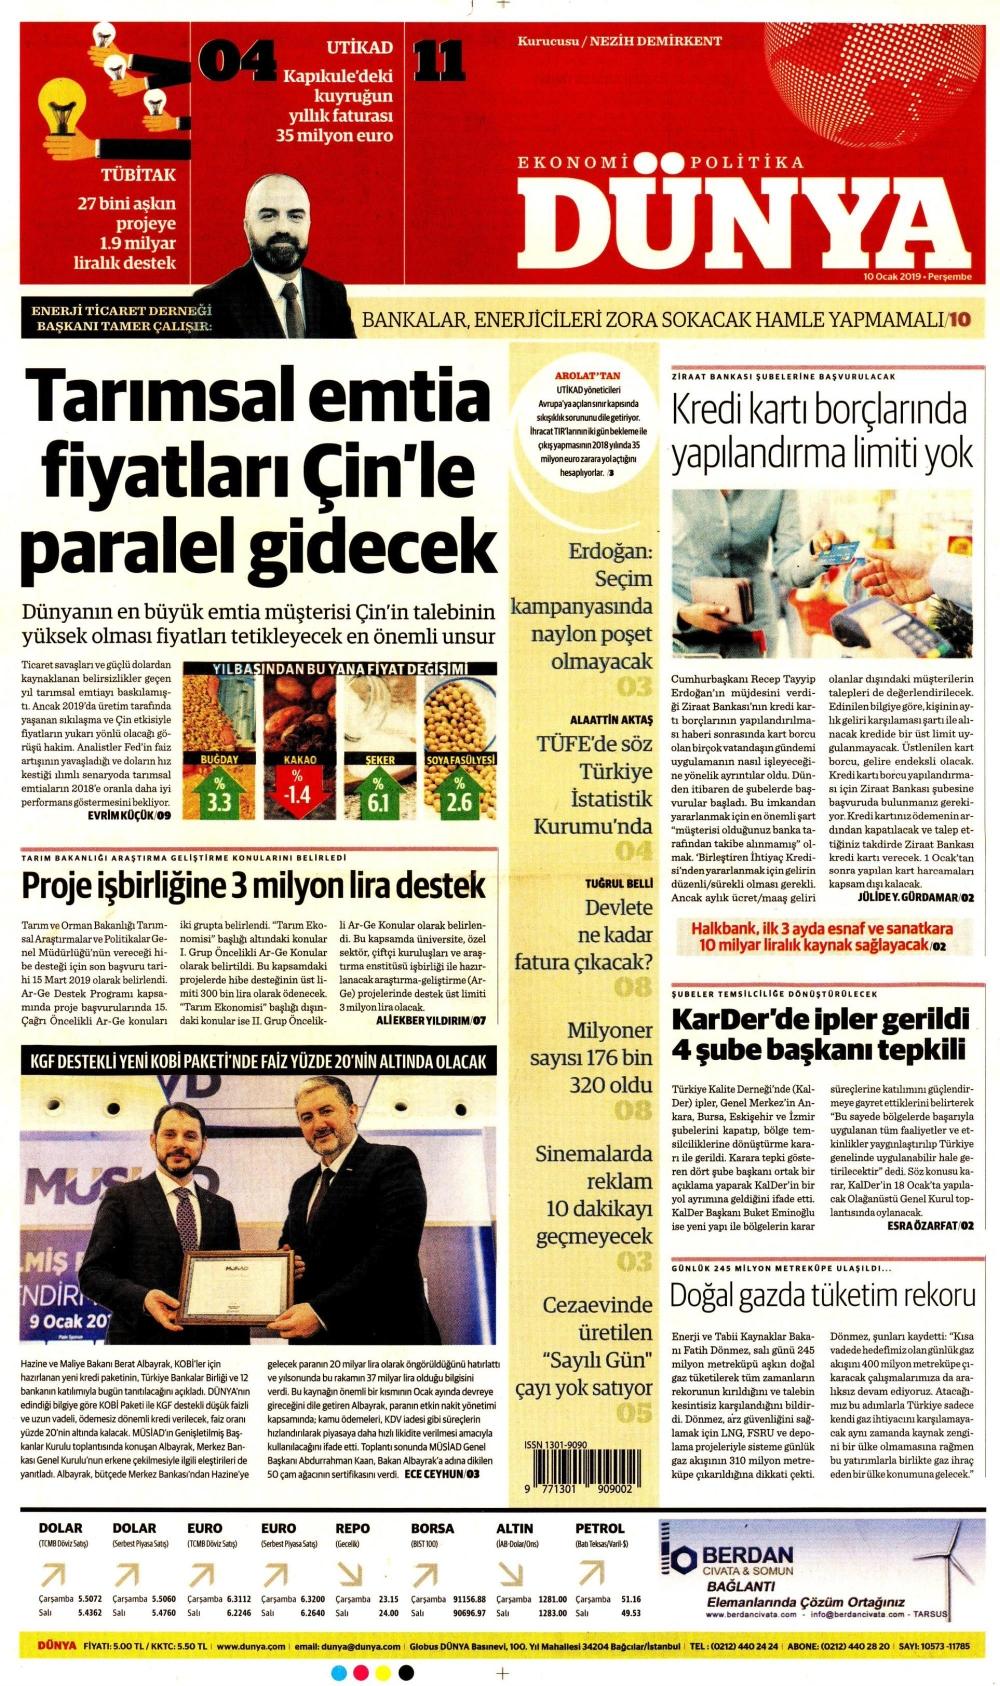 Günün gazete manşetleri (10.01.2019) 1